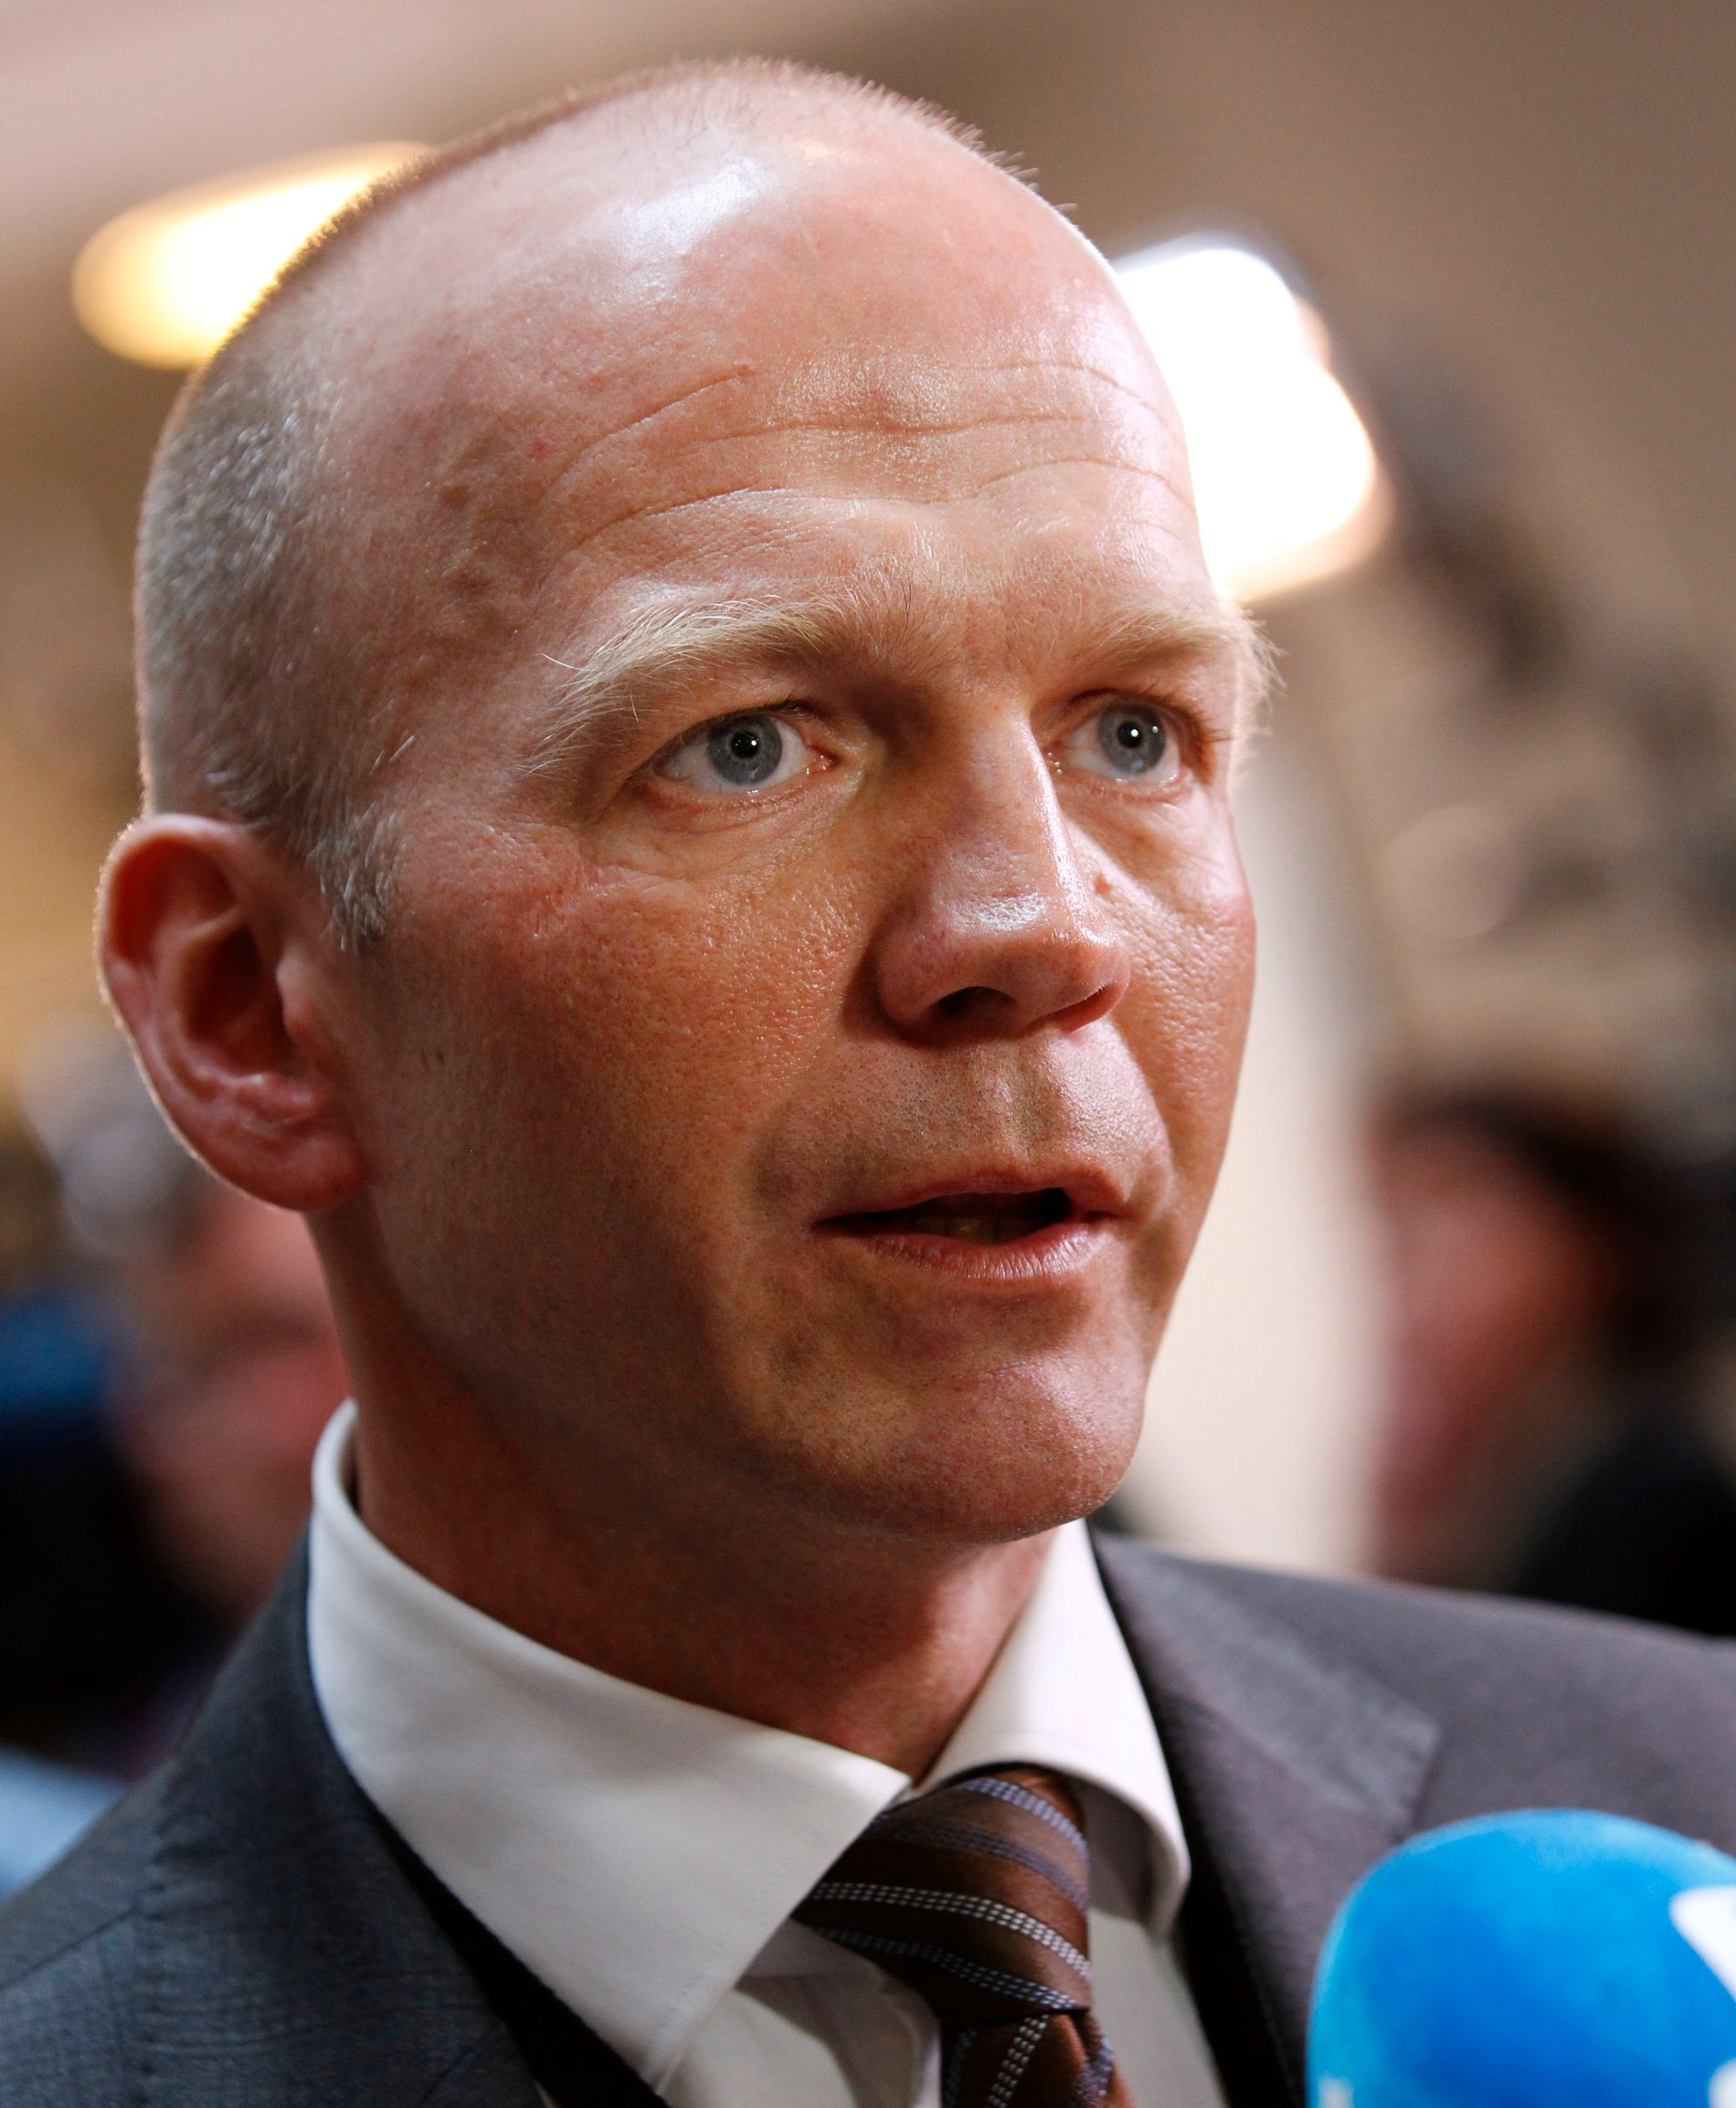 DELVIS FORNØYD: Bistandsadvokat Christian Lundin sier familien er lettet, men at de håpet på forvaringsdom. Her avbildet i 2012.